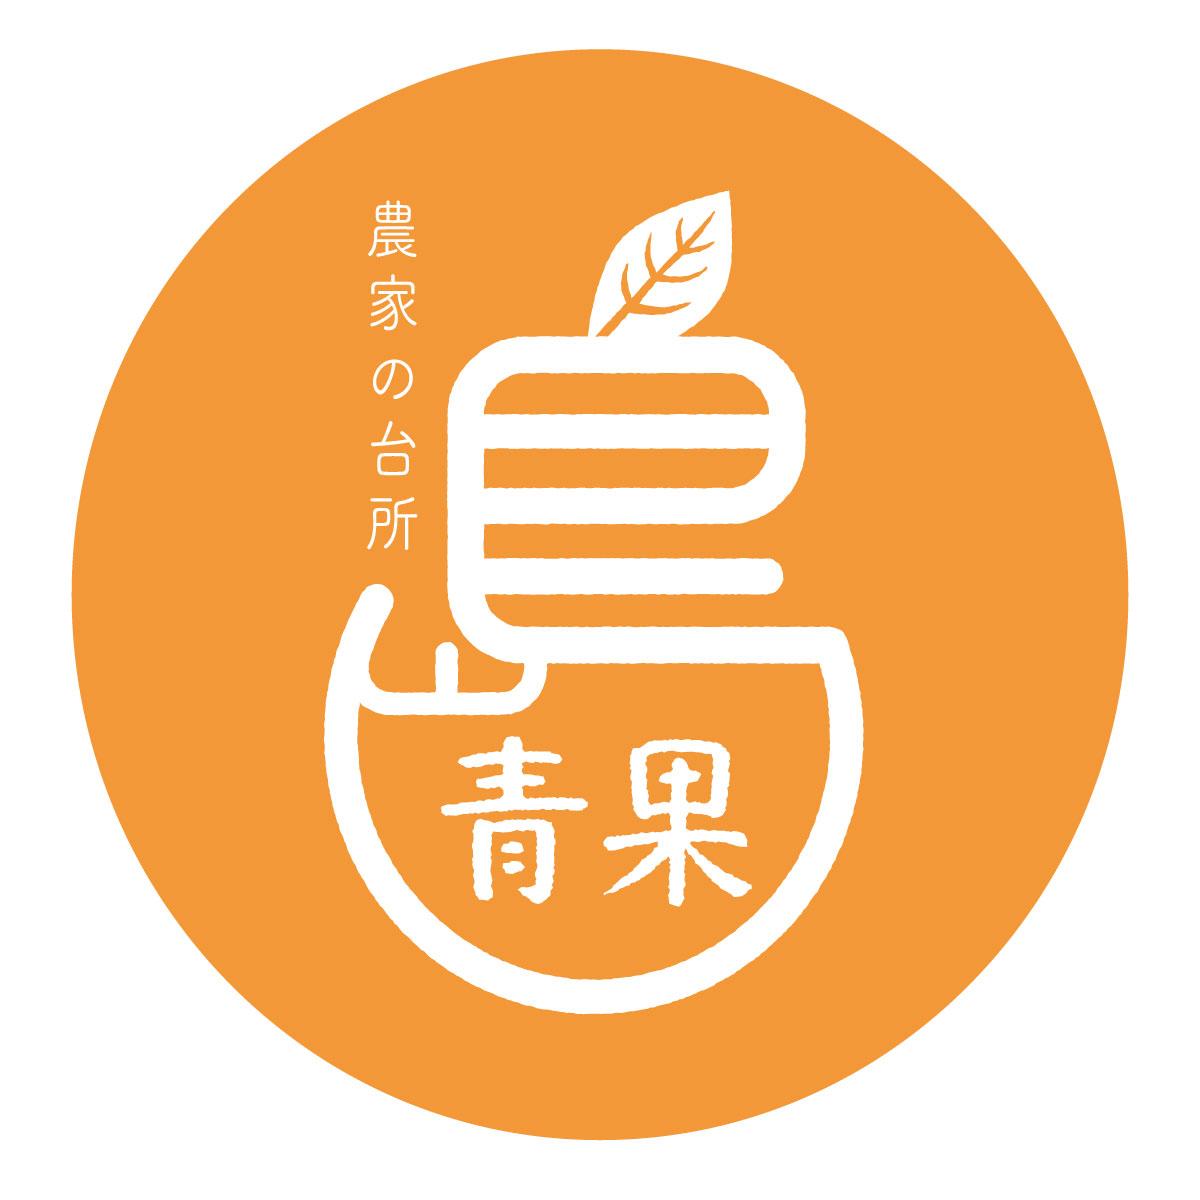 「農家の台所島青果」ロゴマーク